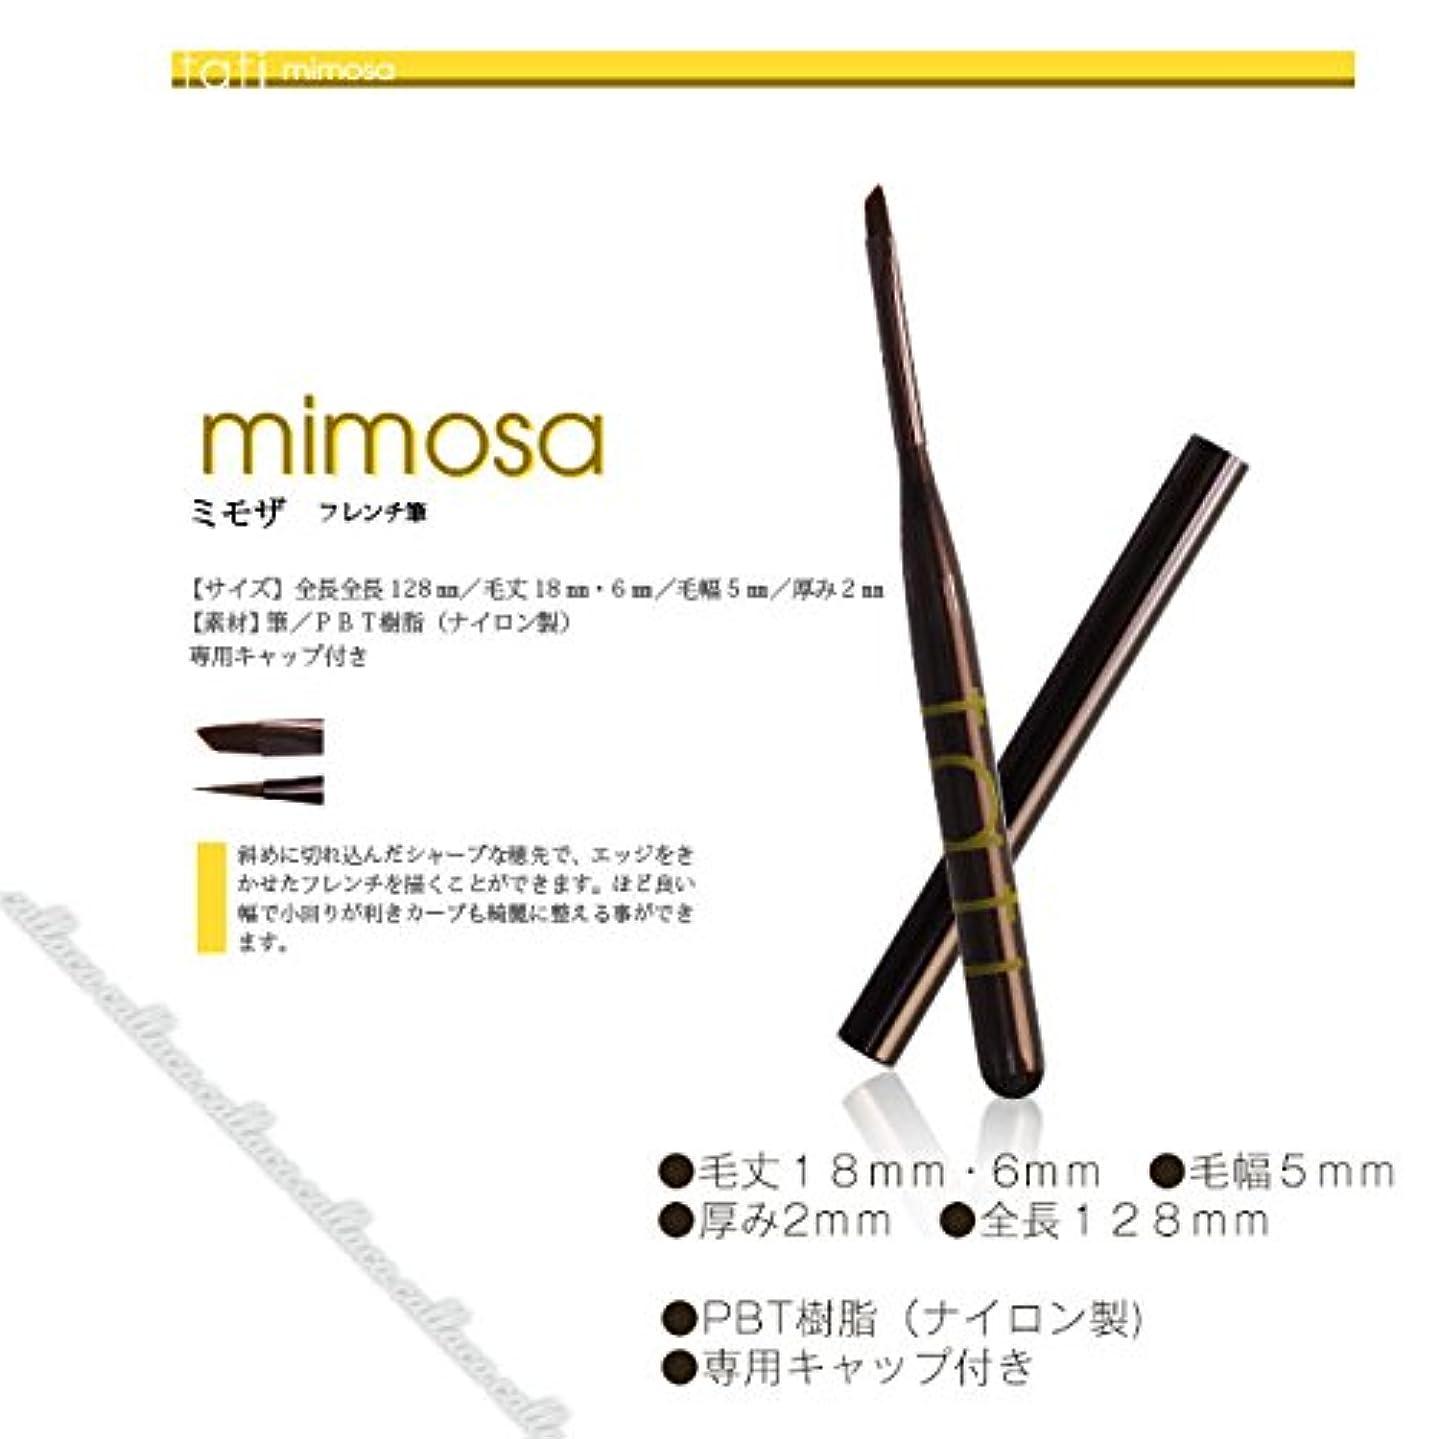 ボクシングアデレード猫背tati アートショコラ mimosa (ミモザ)